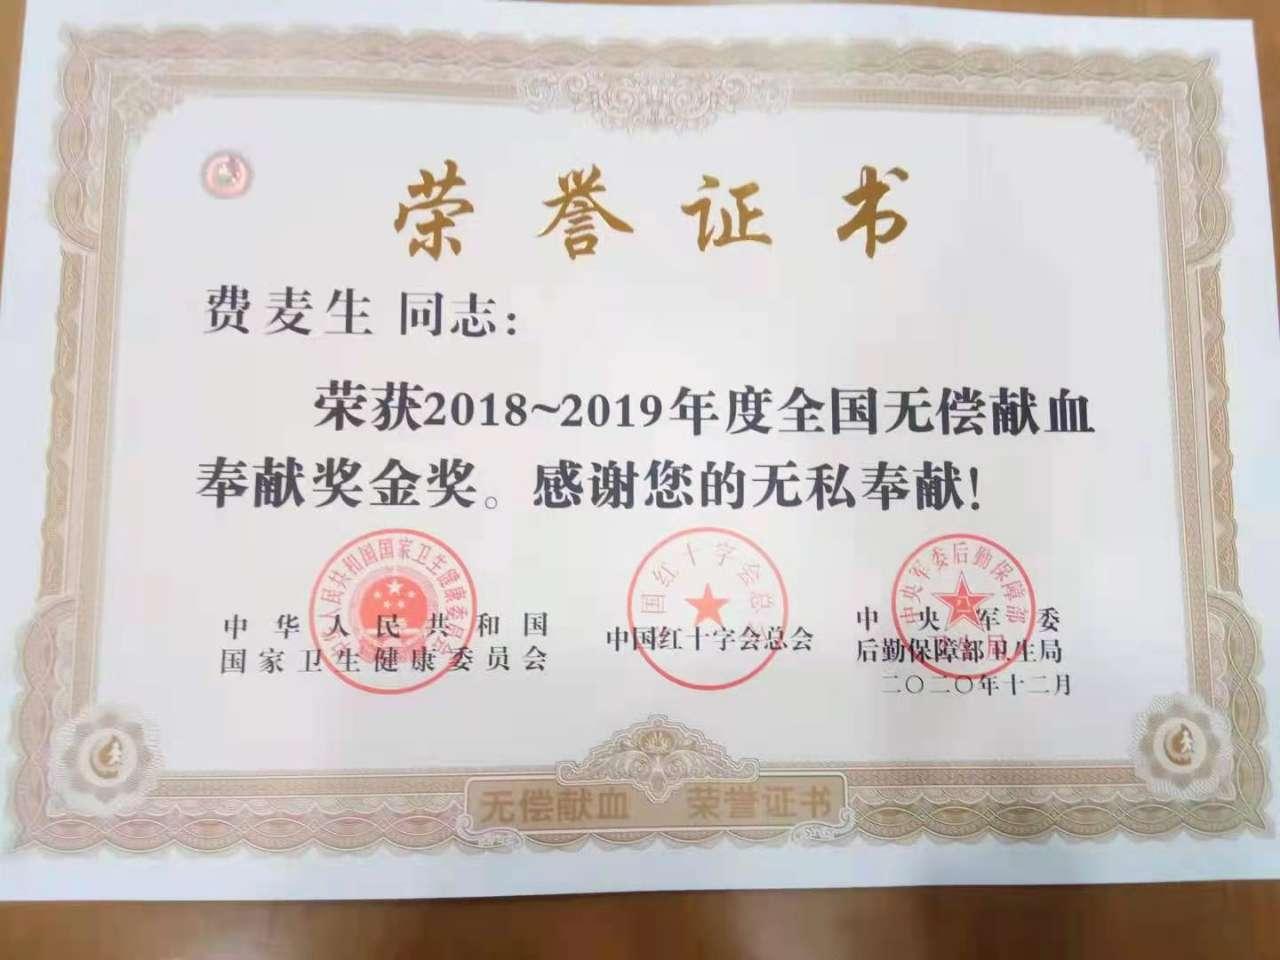 新滩乡退伍军人费麦生荣获全国无偿献血金奖!